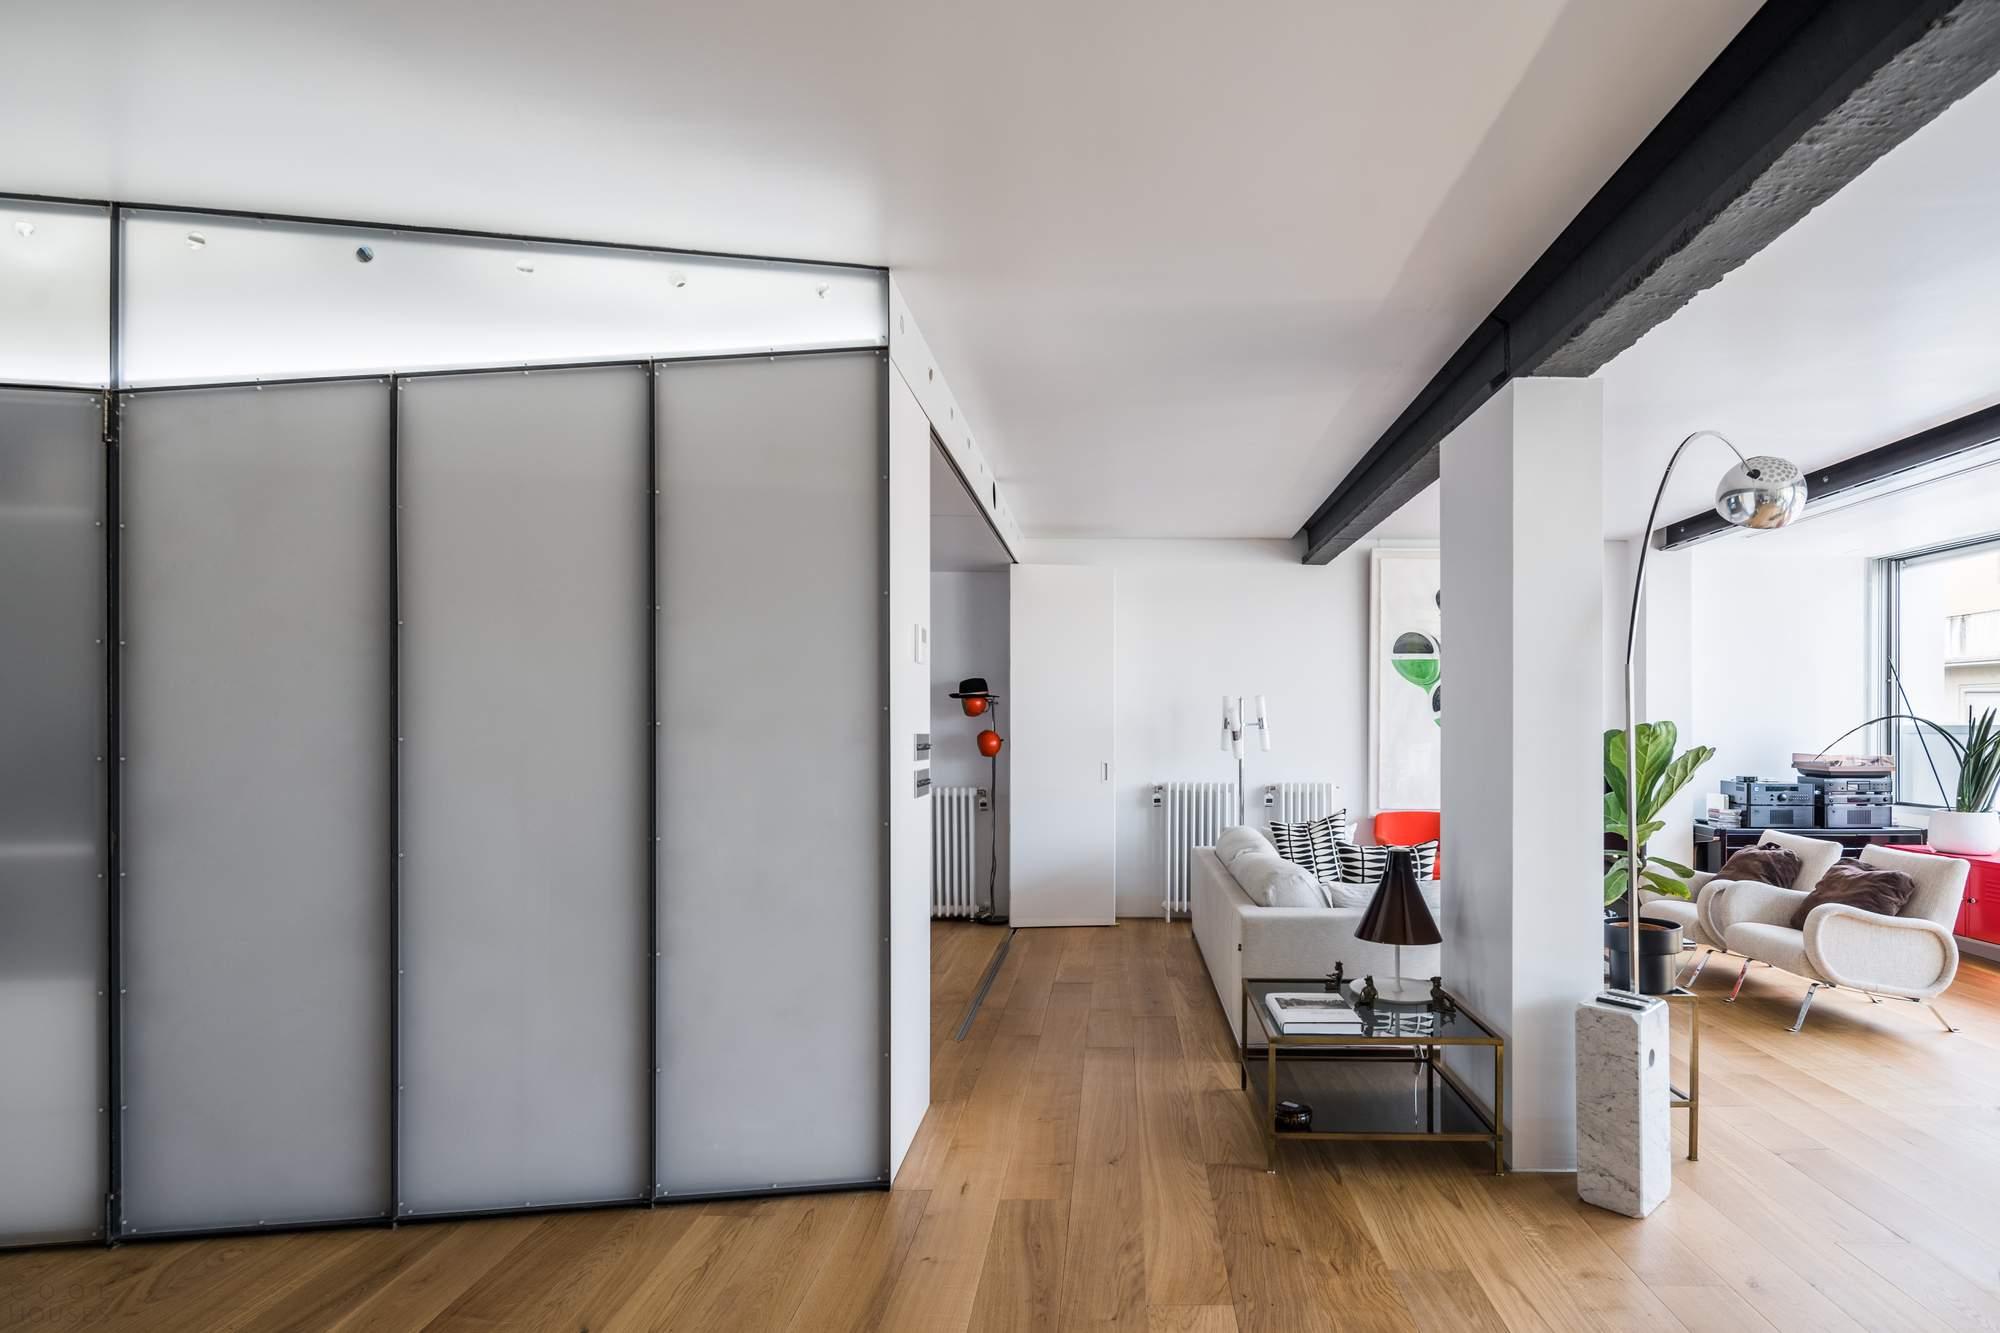 Пентхаус с эклектичным стильным интерьером, Испания